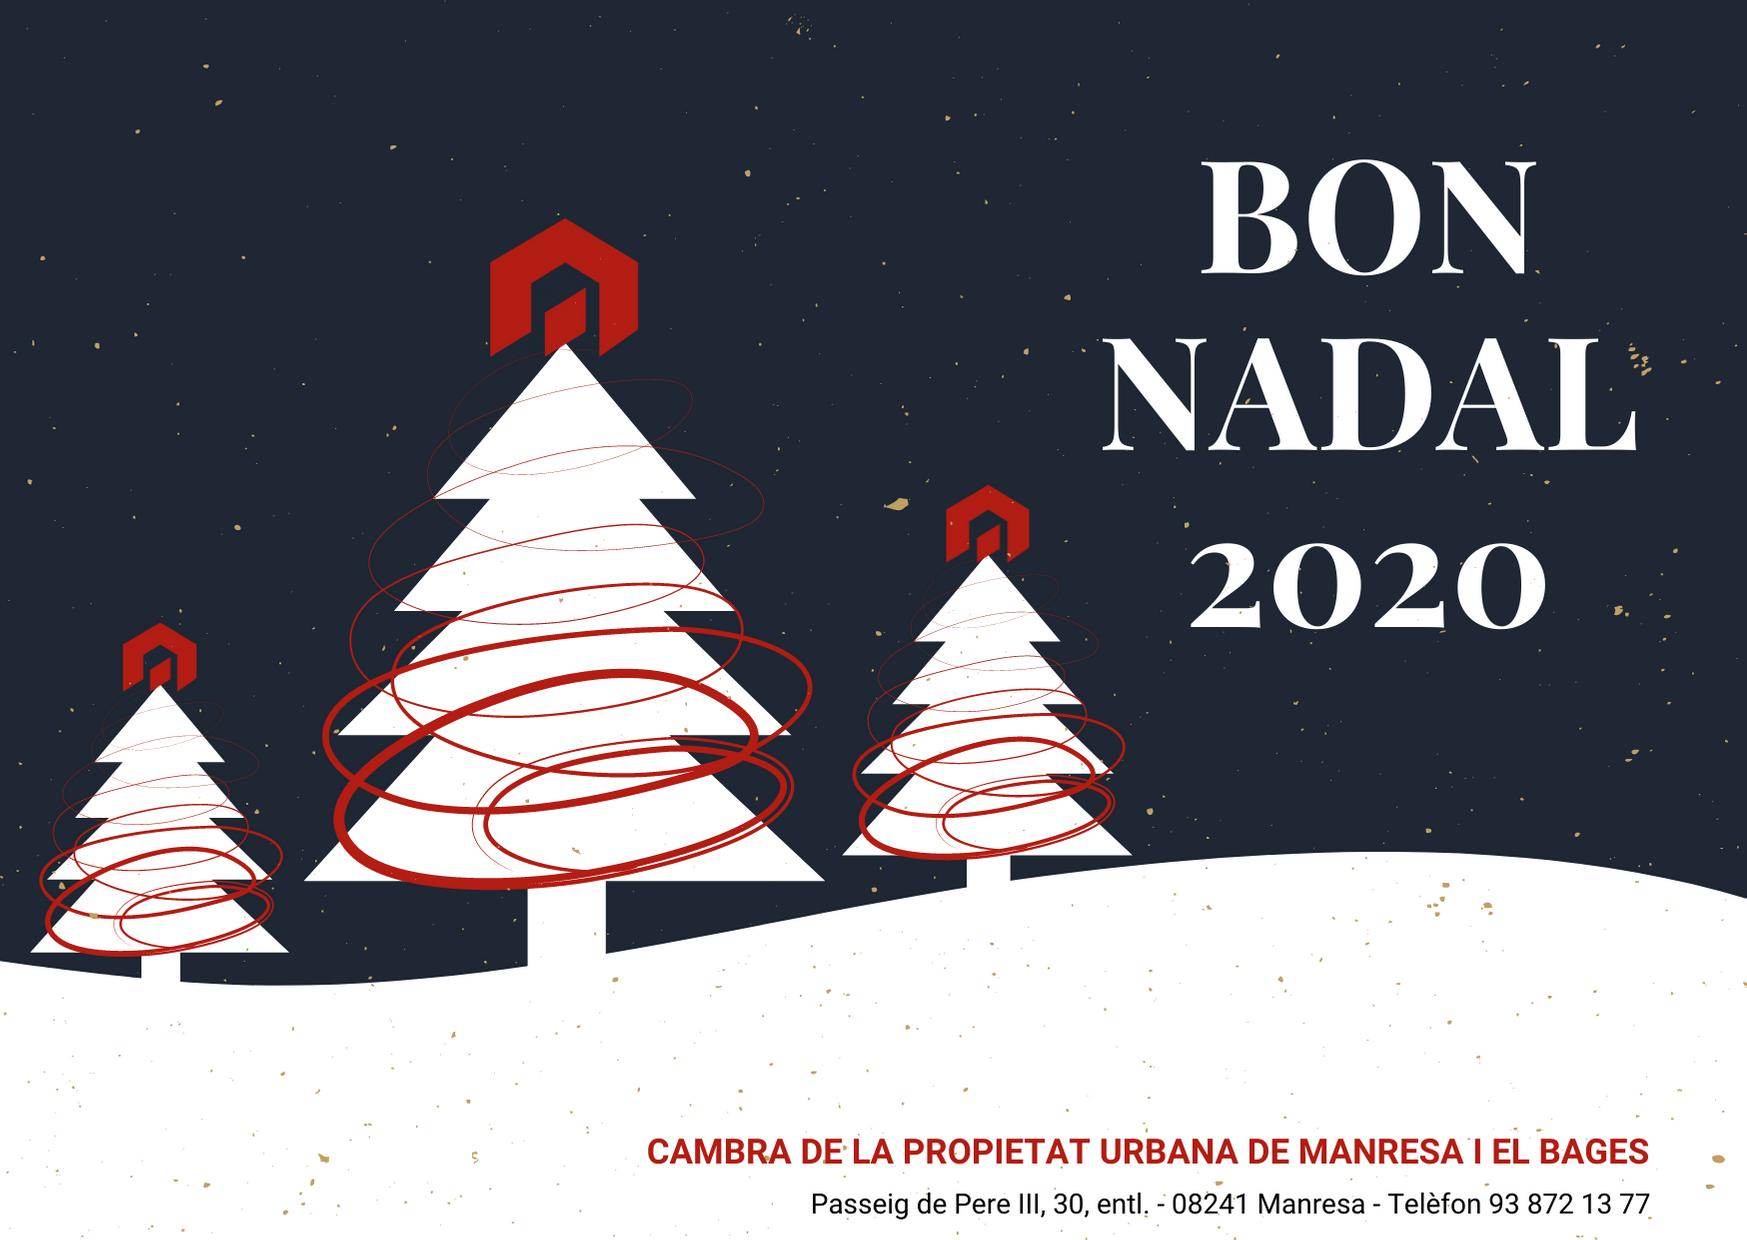 Bon Nadal 2020, Cambra de la Propietat Urbana de Manresa i el Bages